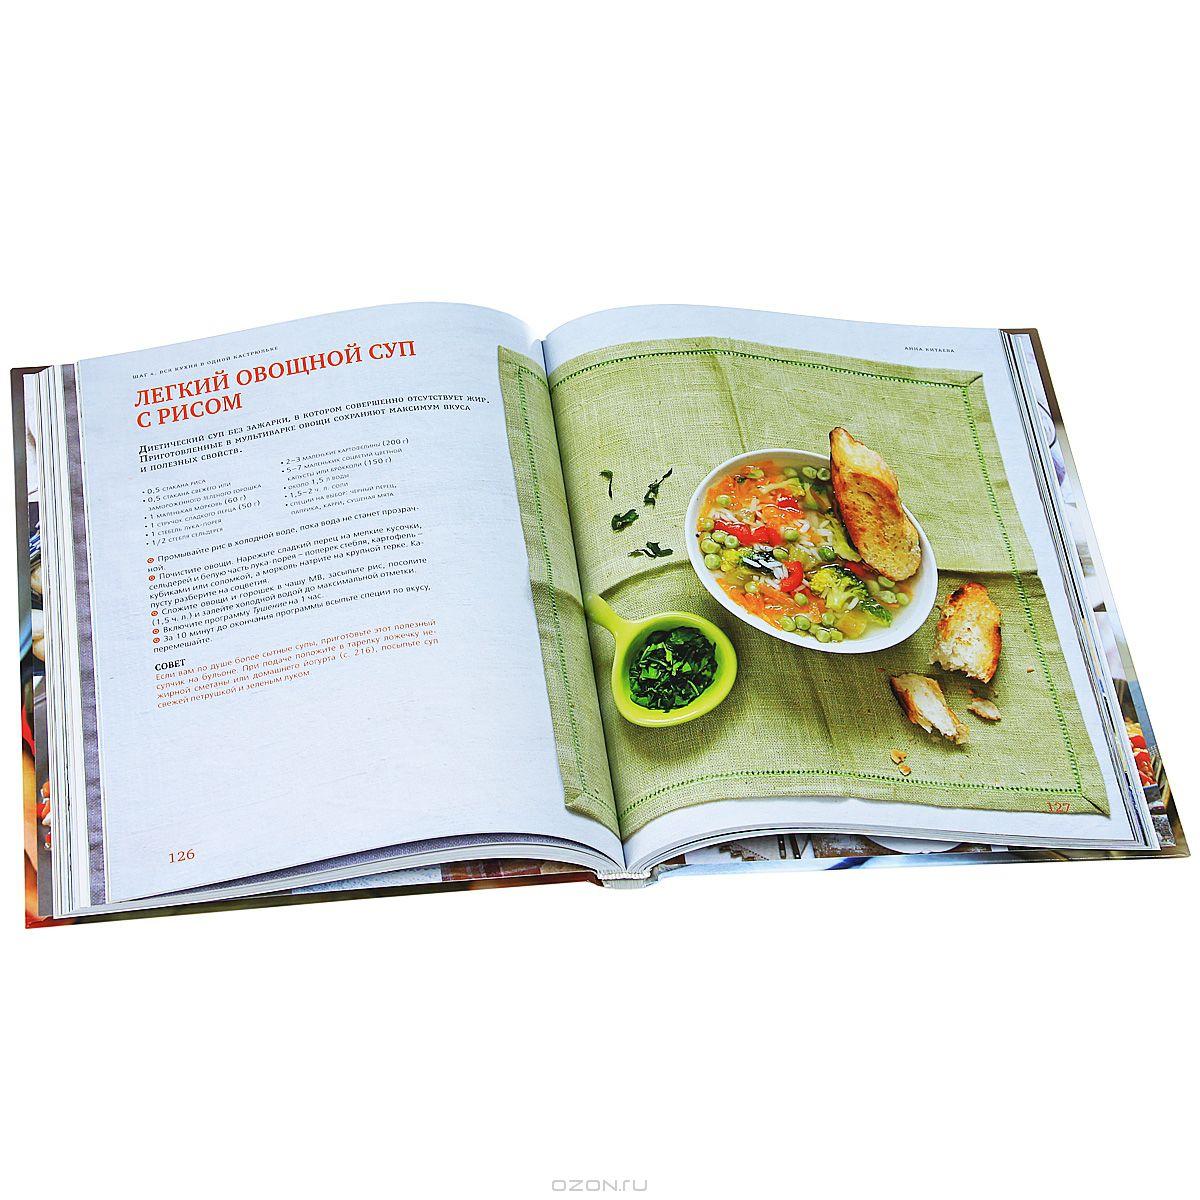 Кулинарный журнал Насти Понедельник Кулинарные рецепты с